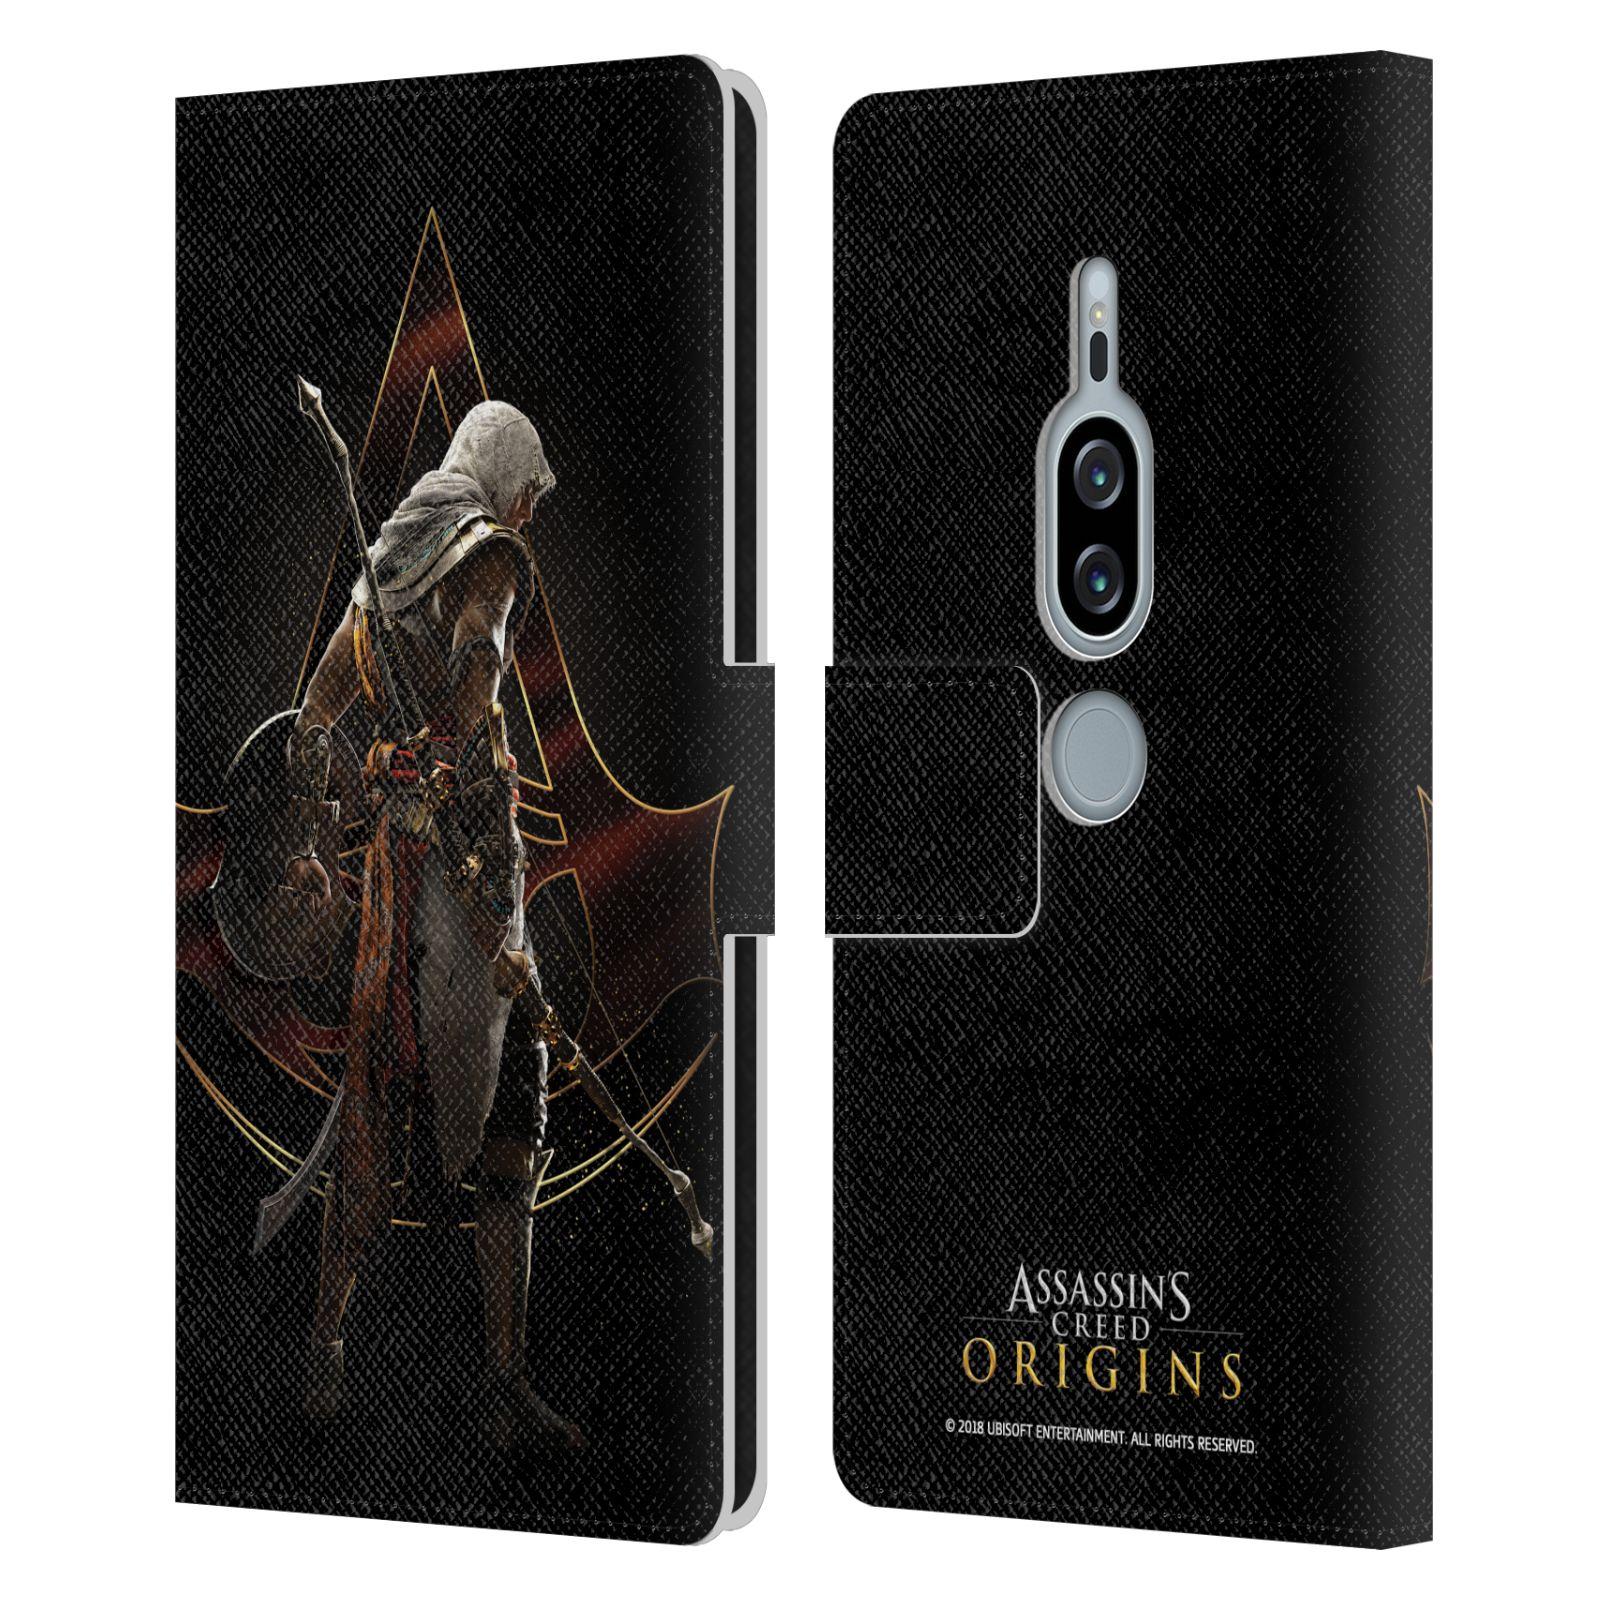 Pouzdro na mobil Sony Xperia XZ2 Premium - Head Case - Assasins Creed Bayek zadní pohled černé pozadí